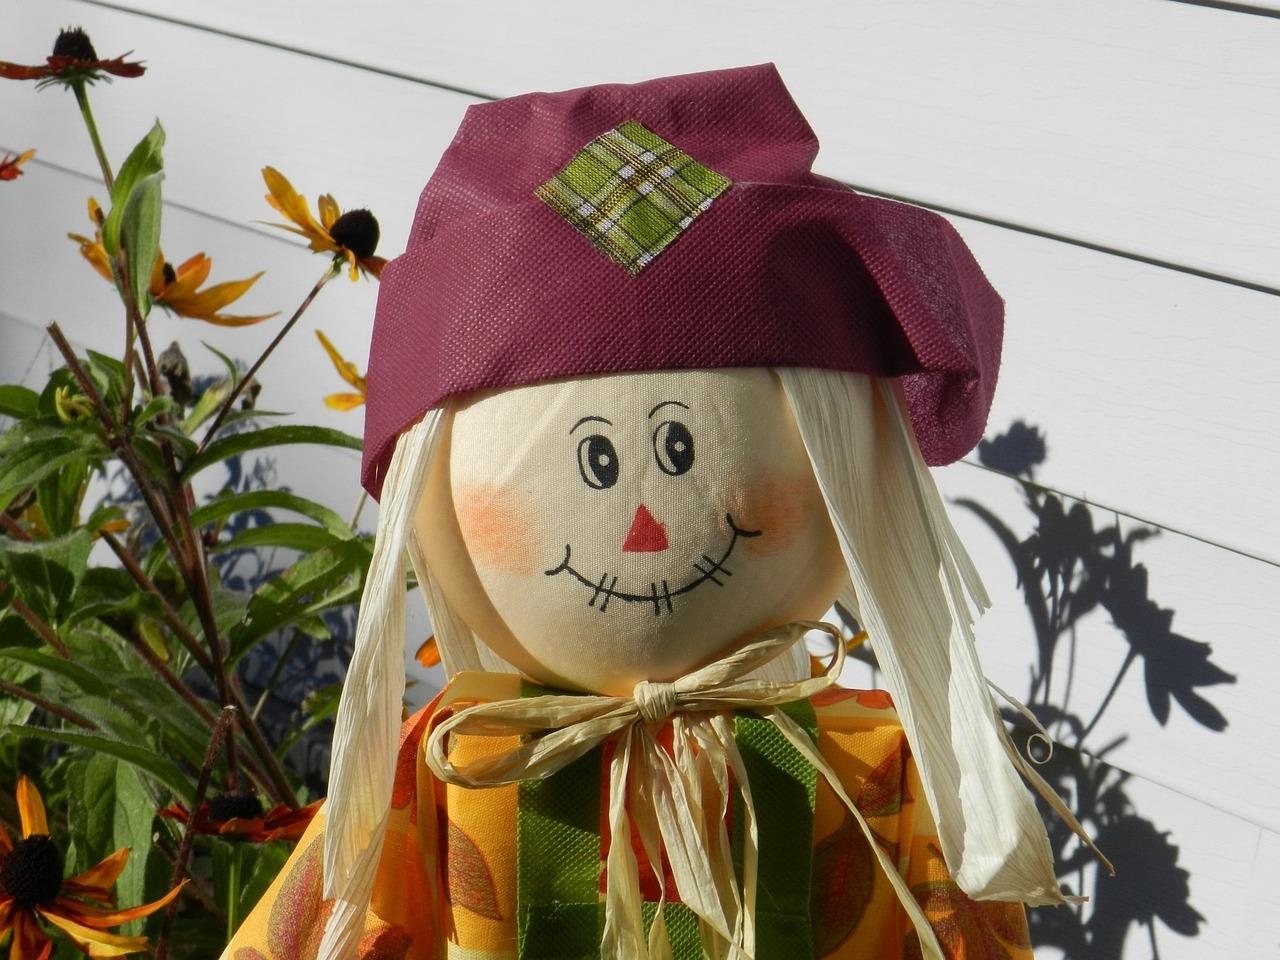 Scarecrow Autumn Decoration - Free photo on Pixabay